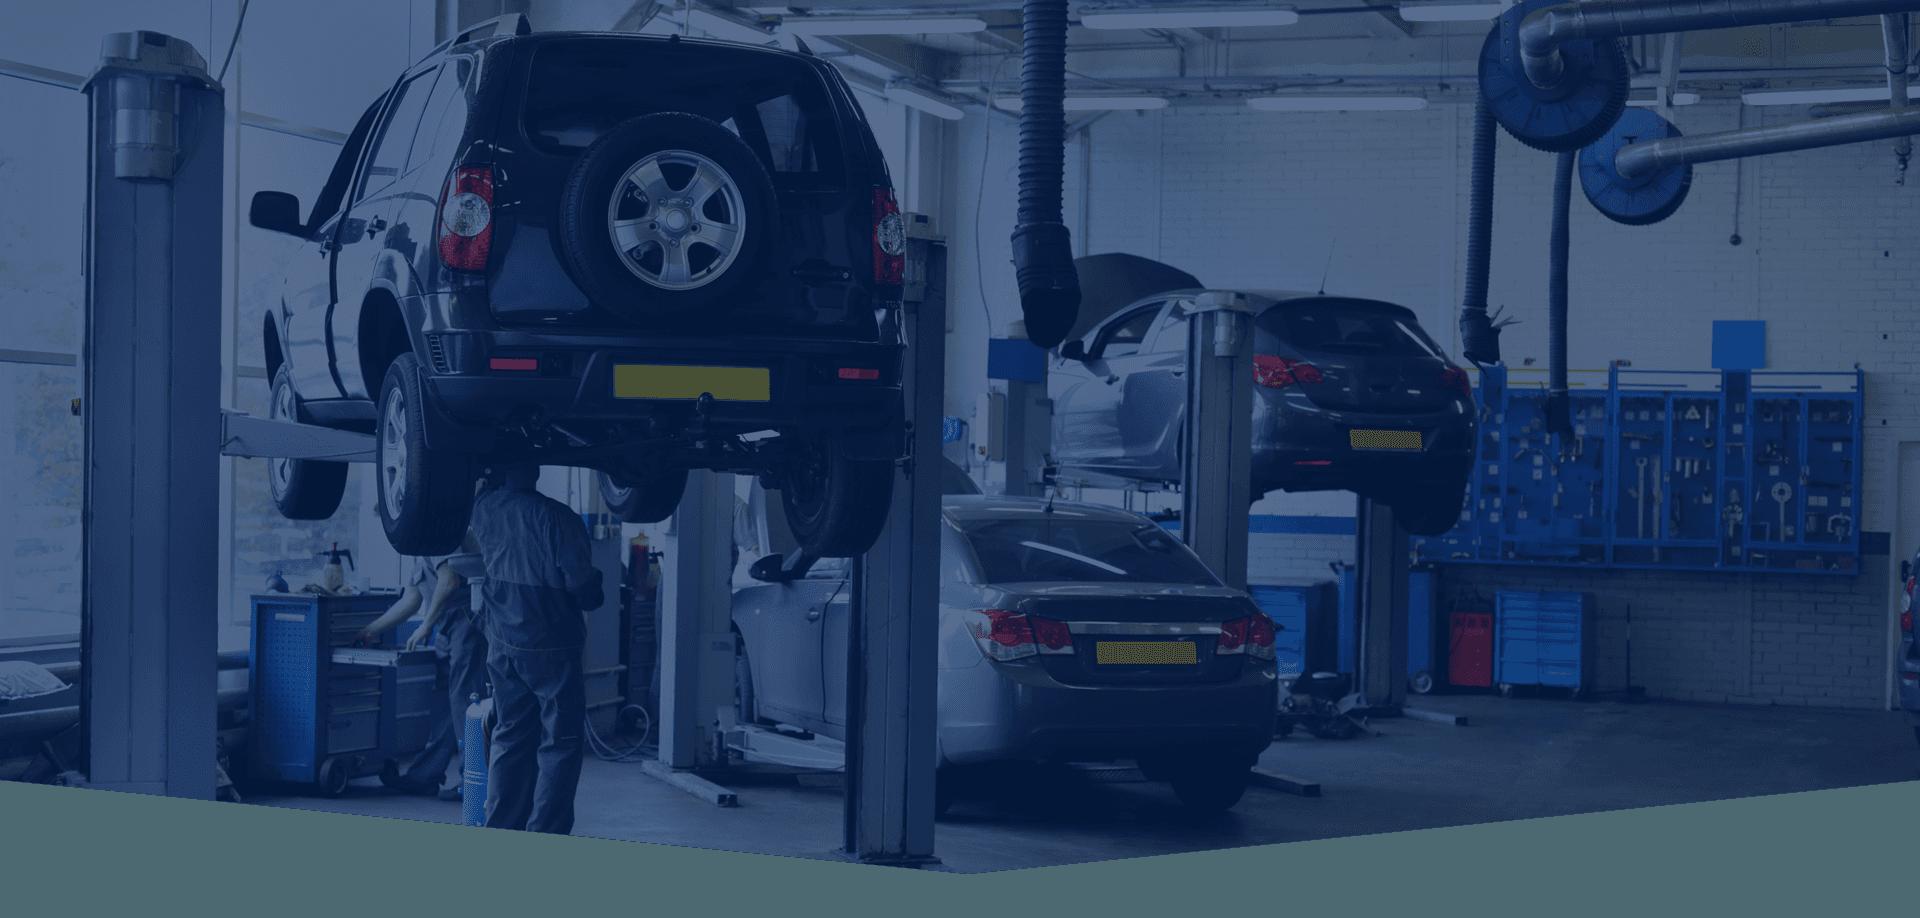 car MOT testing